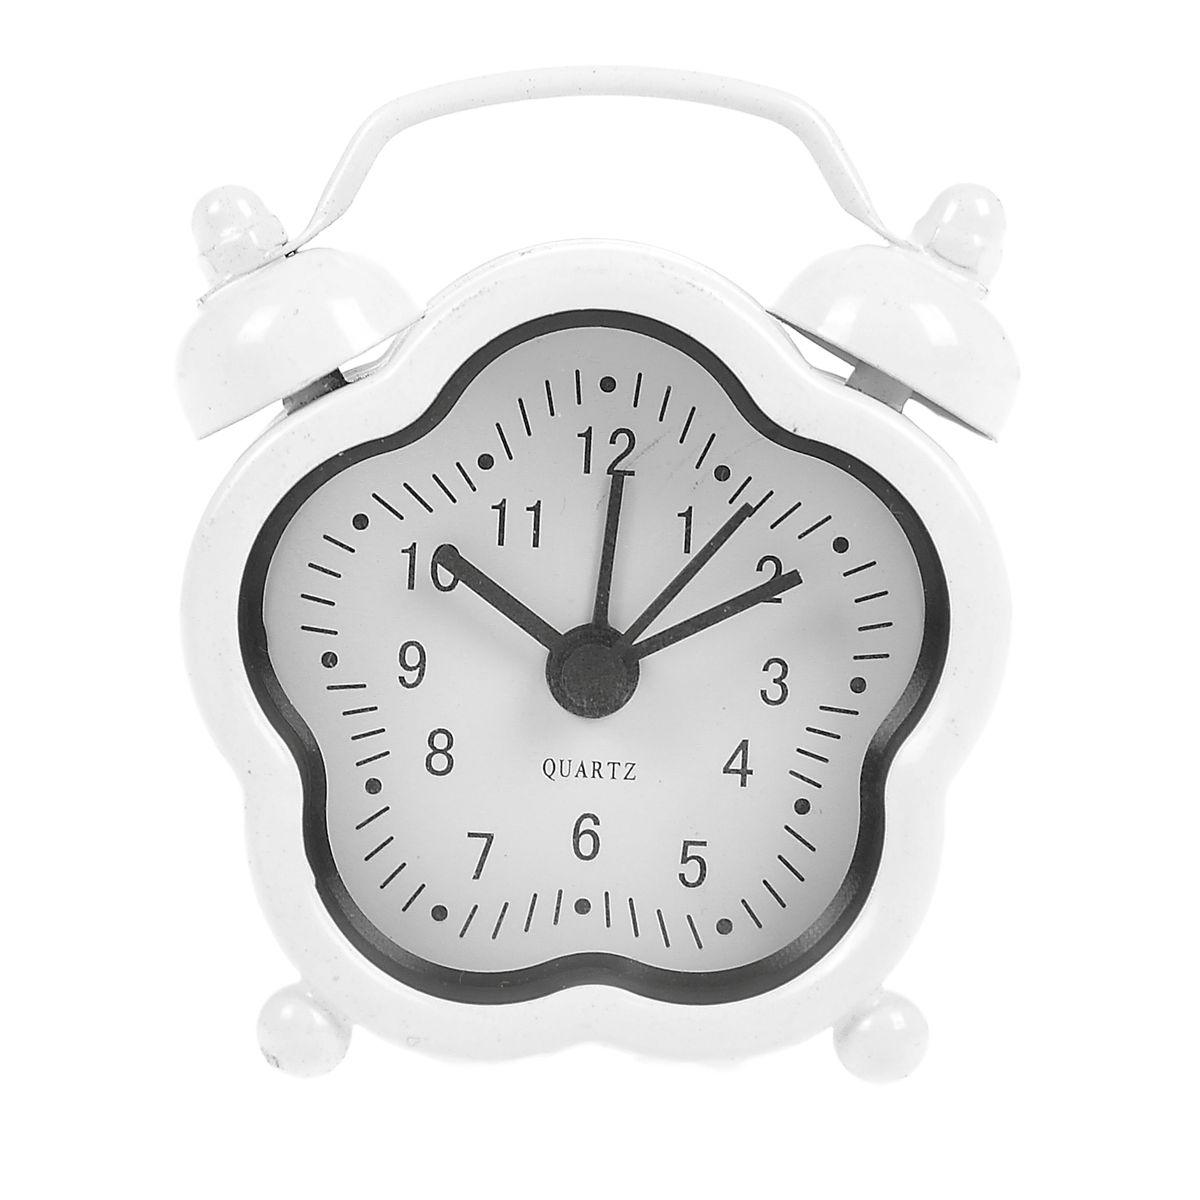 Часы-будильник Sima-land, цвет: белый. 840956840956Как же сложно иногда вставать вовремя! Всегда так хочется поспать еще хотя бы 5 минут ибывает,что мы просыпаем. Теперь этого не случится! Яркий, оригинальный будильник Sima-landпоможет вам всегдавставать в нужное время и успевать везде и всюду. Будильник украсит вашу комнату иприведет в восхищение друзей. Эта уменьшенная версия привычного будильника умещаетсяналадони и работает так же громко, как и привычные аналоги. Время показывает точно и будит вустановленный час. На задней панели будильника расположены переключатель включения/выключения механизма,атакже два колесика для настройки текущего времени и времени звонка будильника. Будильник работает от 1 батарейки типа LR44 (входит в комплект).